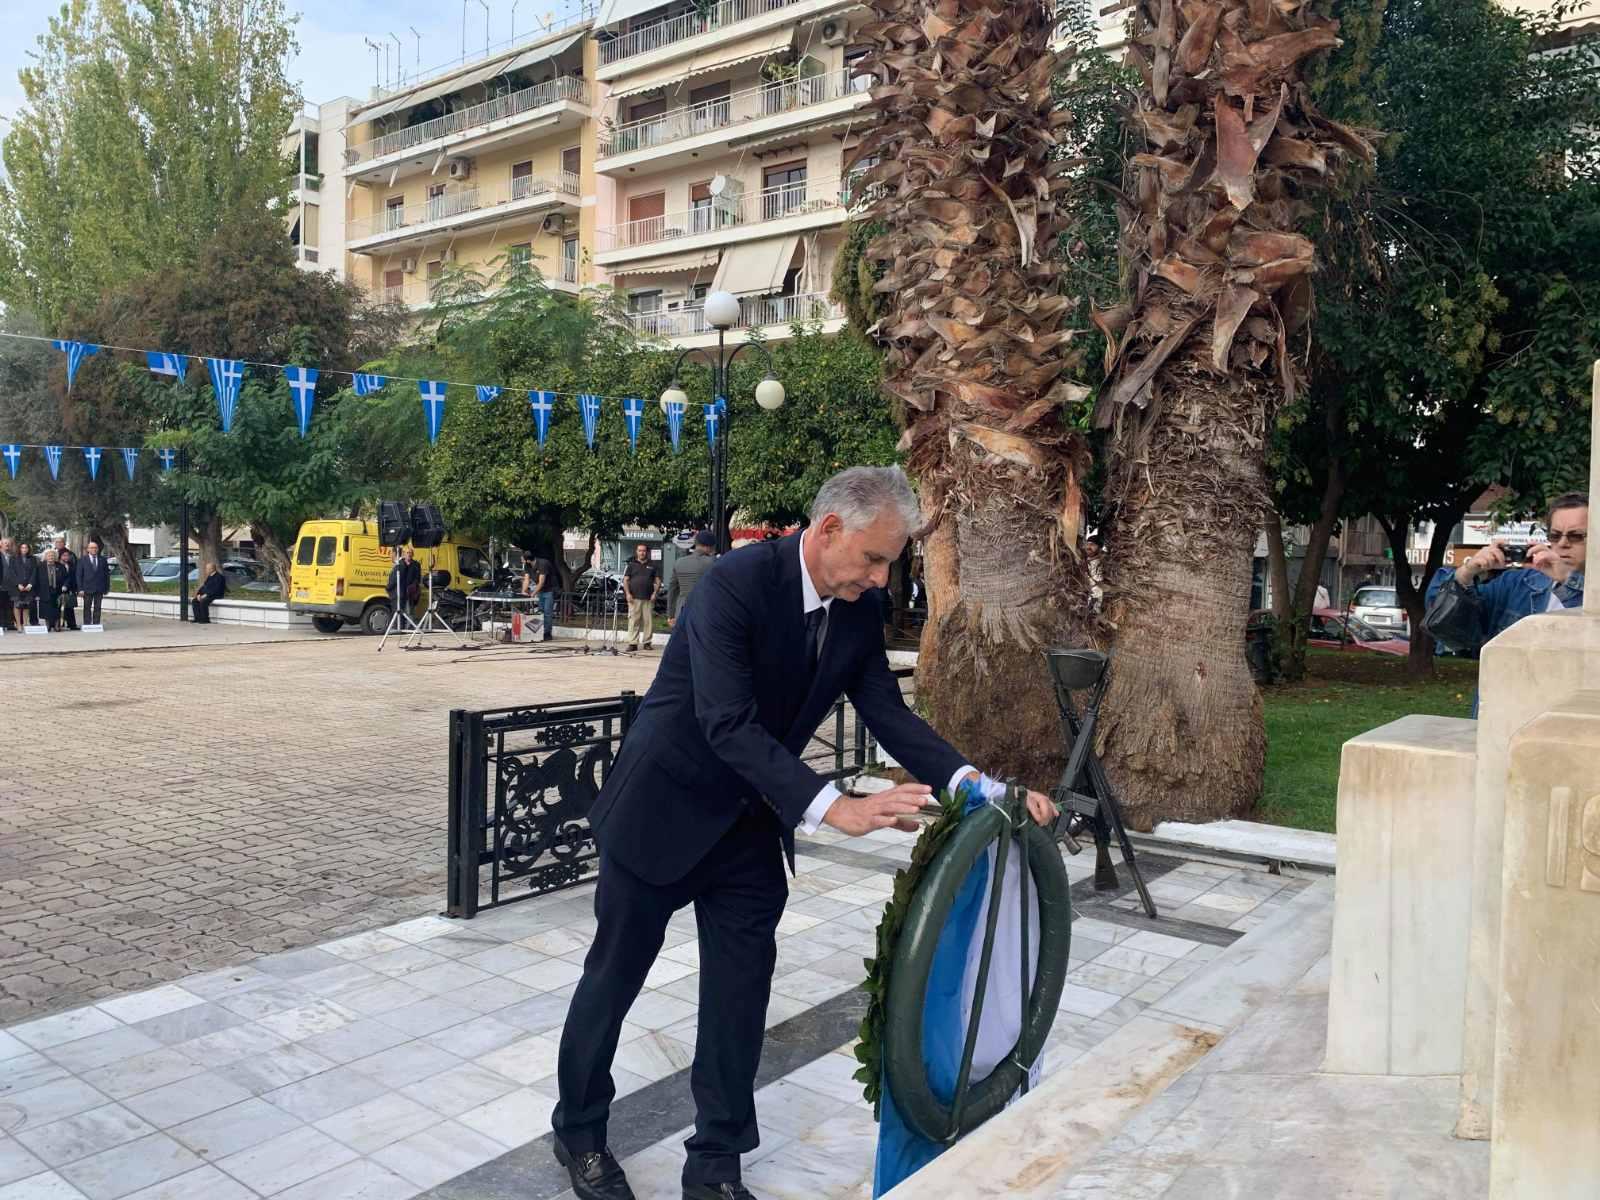 , Ο Σπύρος Πνευματικός στις εκδηλώσεις για την Ημέρα των Ενόπλων Δυνάμεων, Eviathema.gr | Εύβοια Τοπ Νέα Ειδήσεις